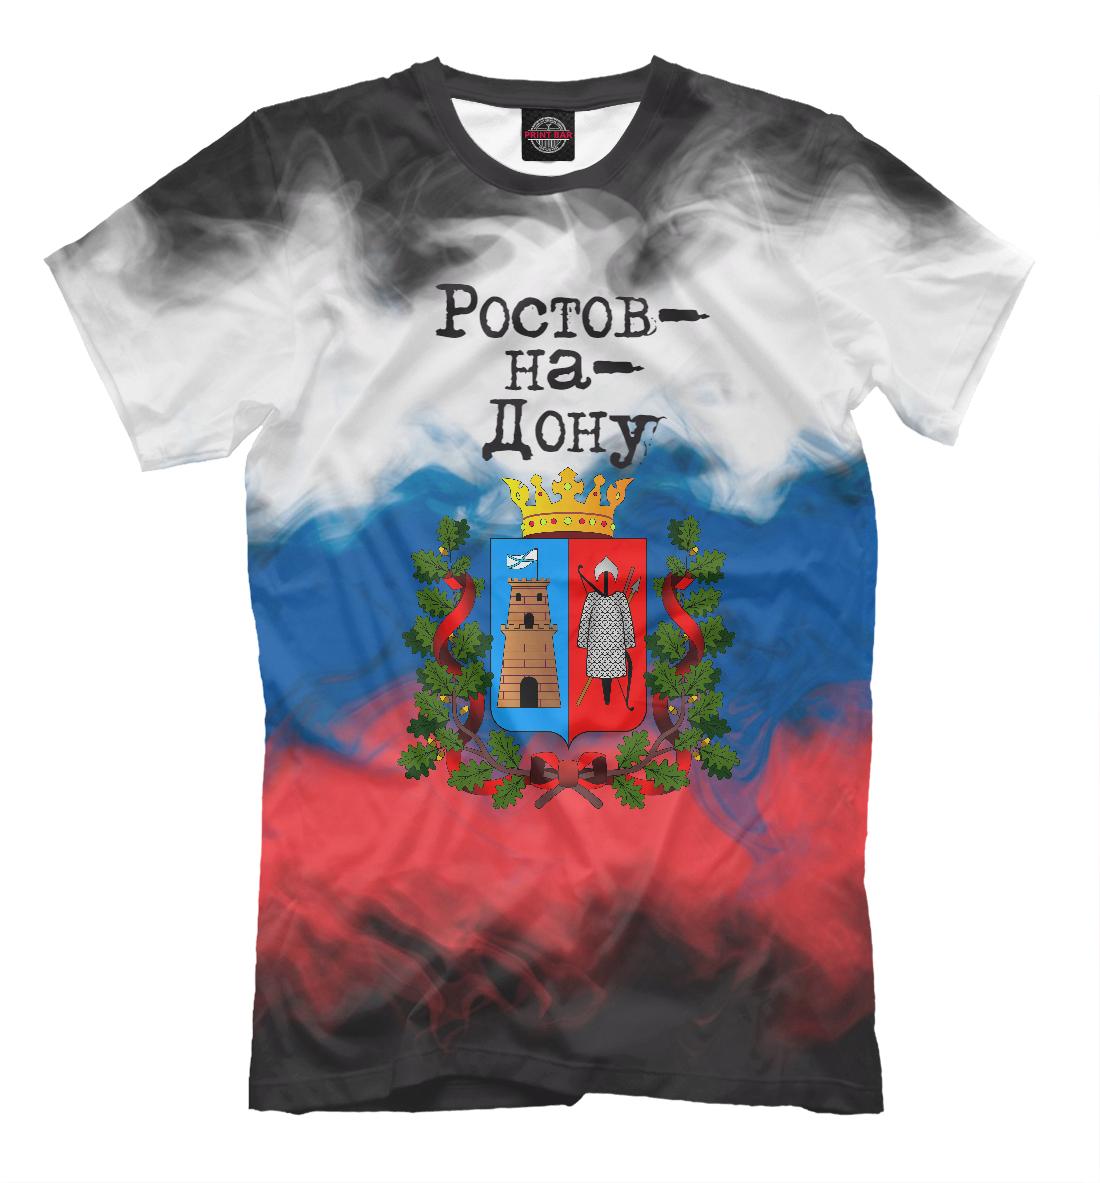 Купить Ростов-на-Дону, Printbar, Футболки, VSY-605708-fut-2